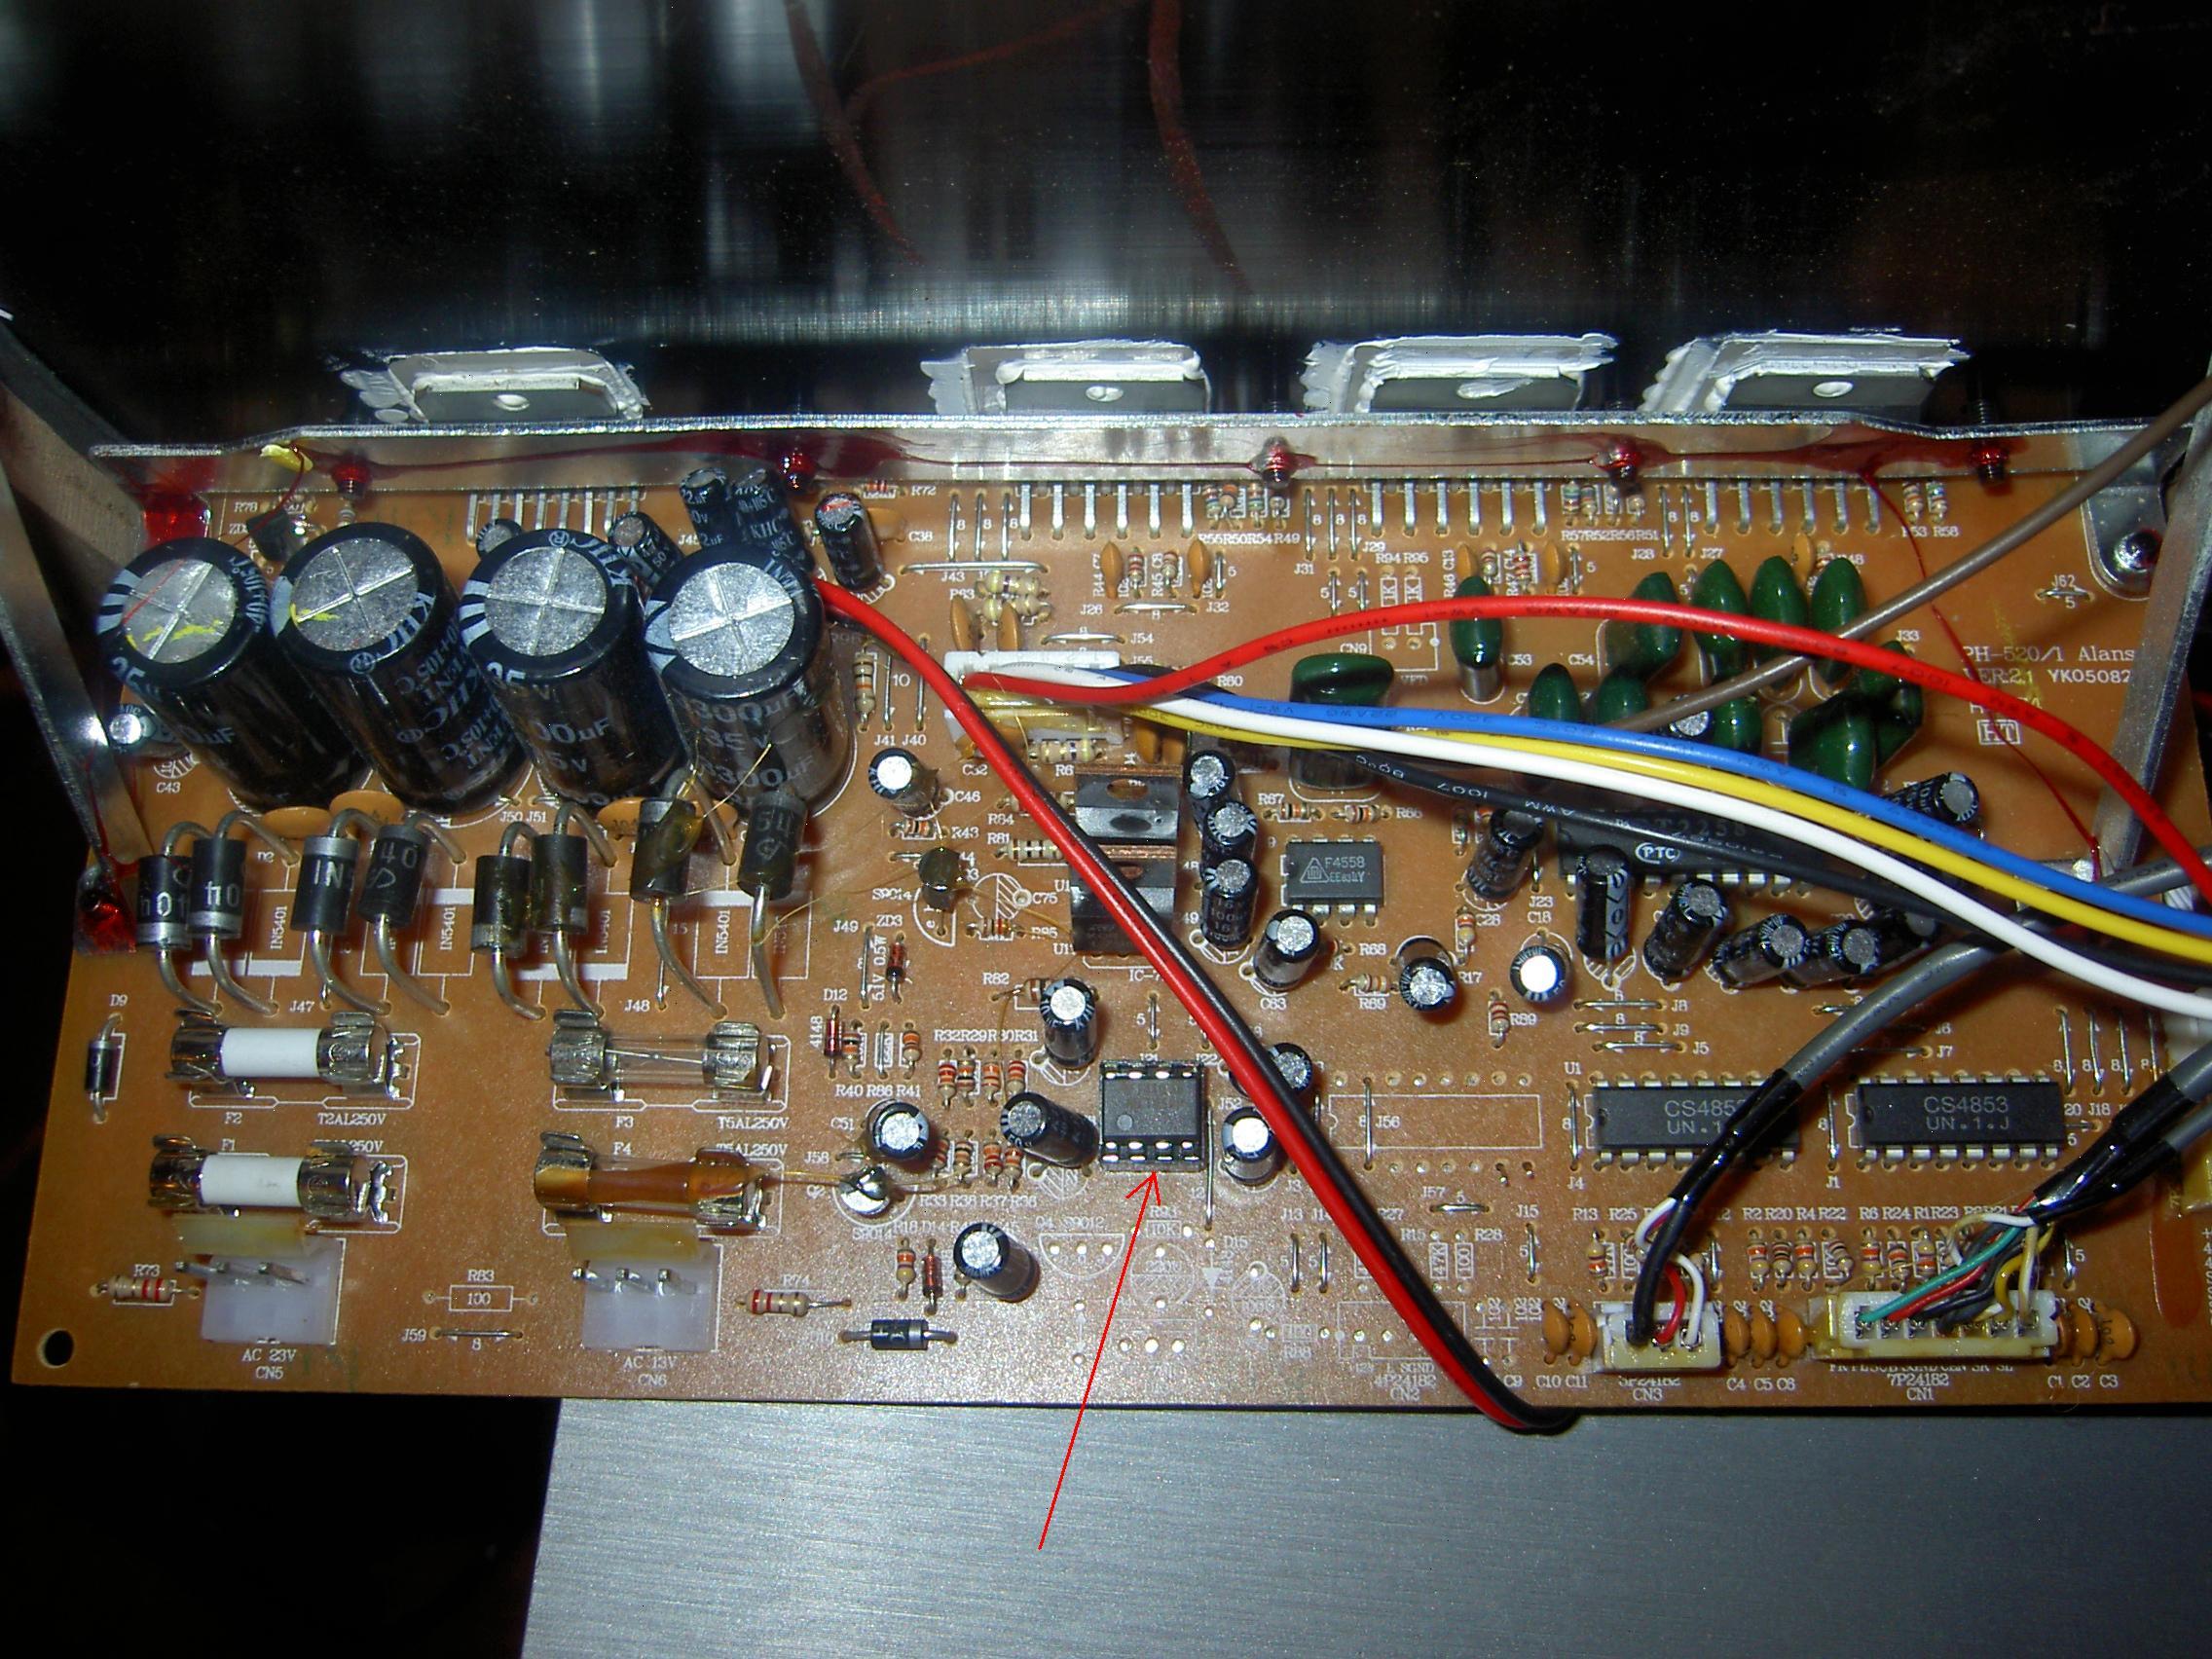 AEG SLS 4705 G�o�niki trzeszcz� po wymianie wzmacniacza